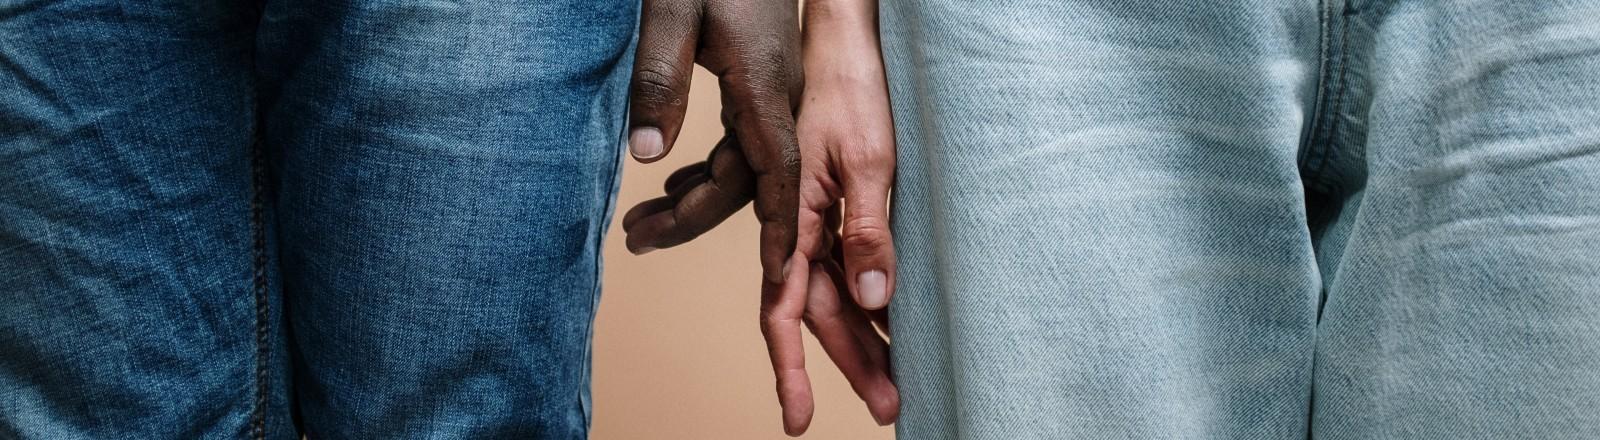 Eine schwarze und eine weiße Hand berühren sich ganz leicht